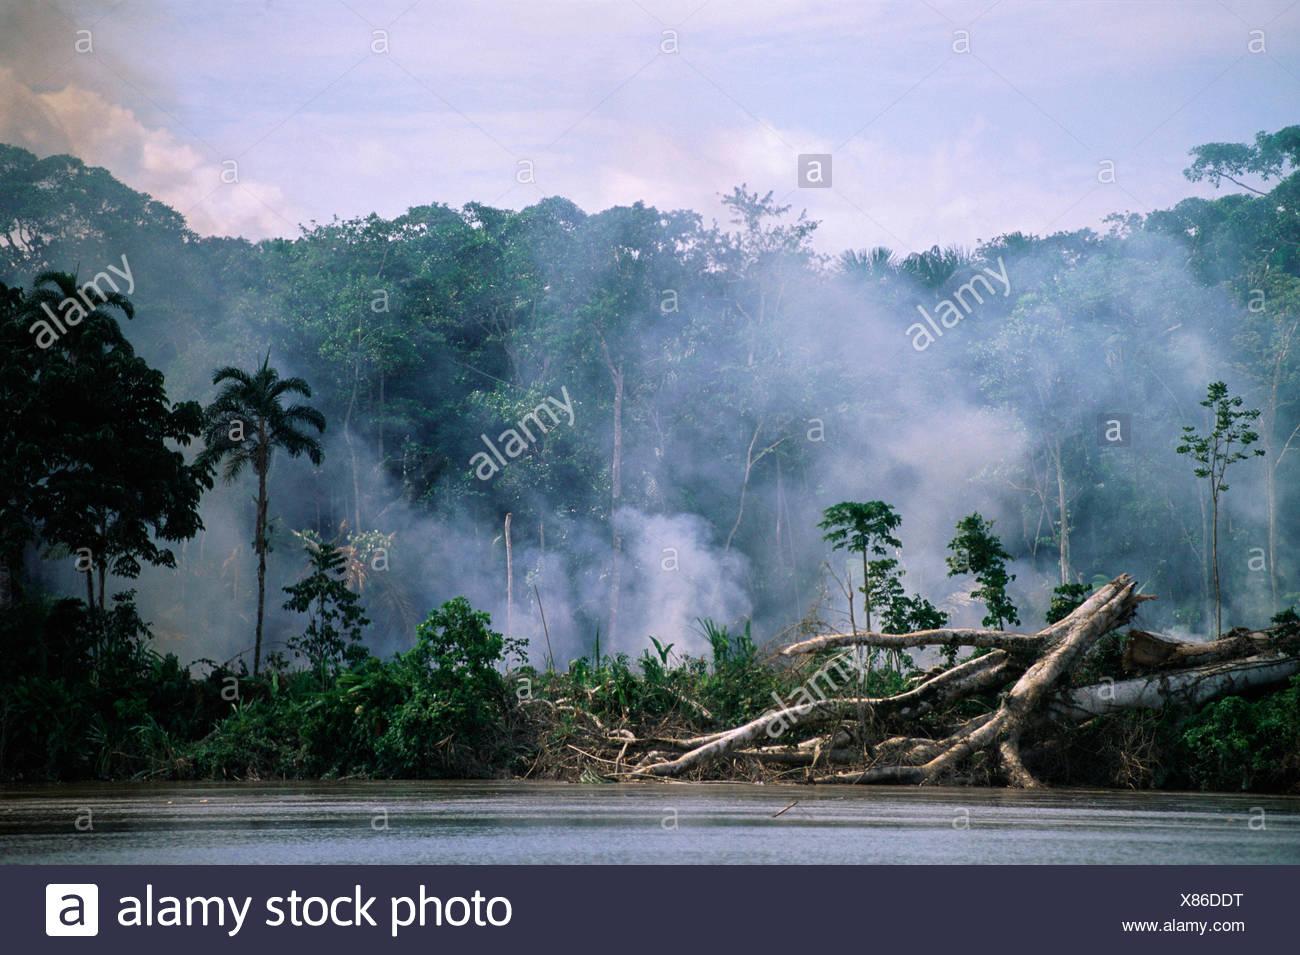 La déforestation - la fumée des feux de forêt amazonienne, le long de la Banque mondiale, de l'Équateur, en Amérique du Sud Photo Stock